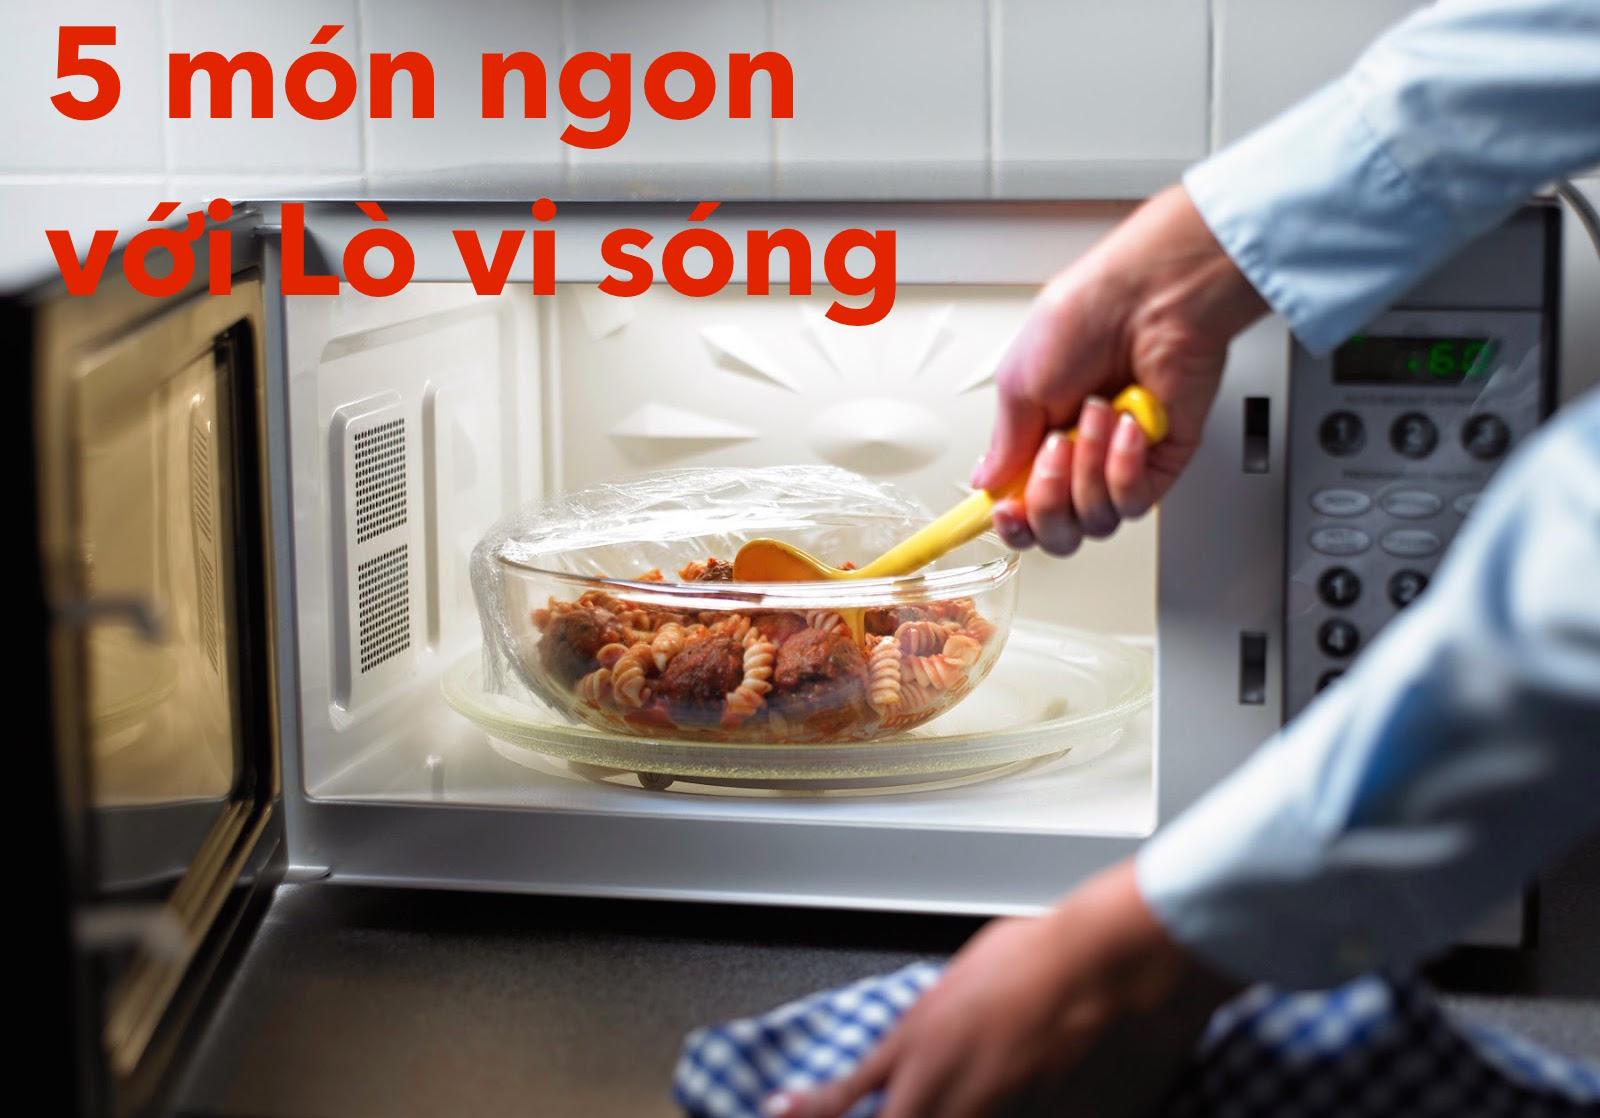 5 món ăn ngon dễ nấu với  lò vi sóng